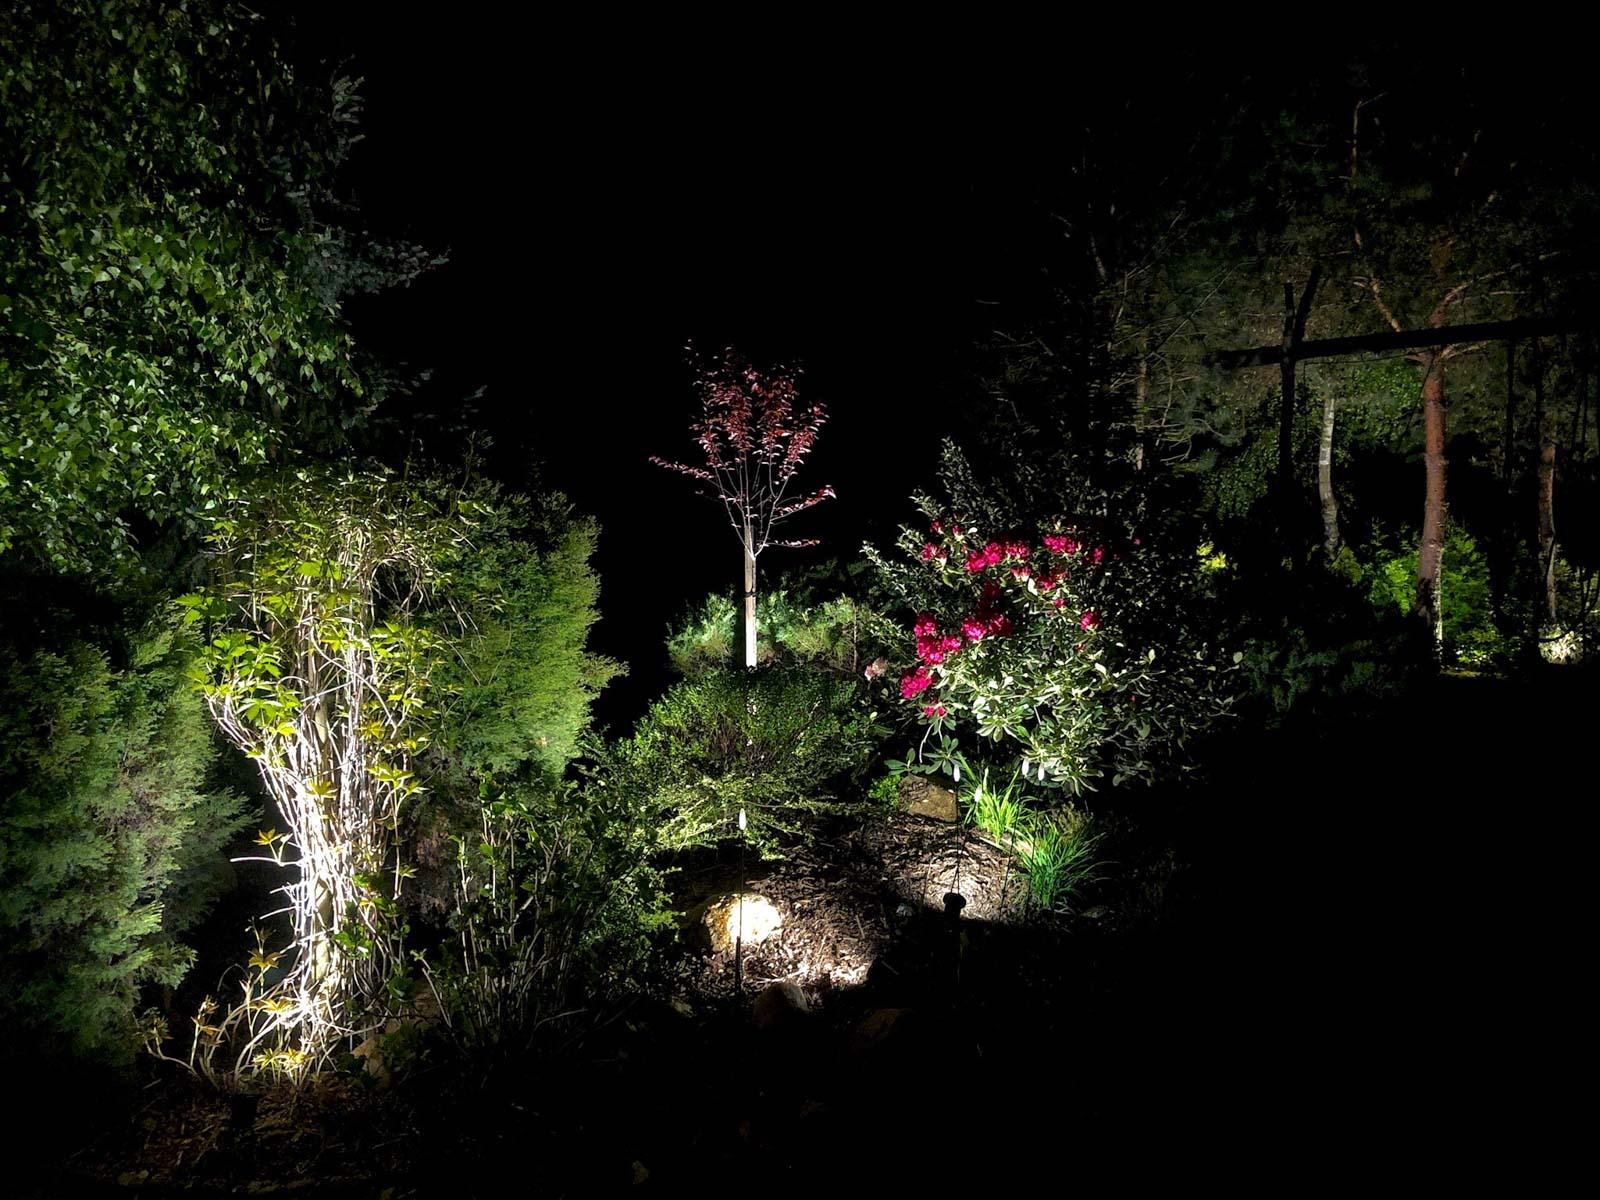 podświetlenie nasadzeń w ogrodzie